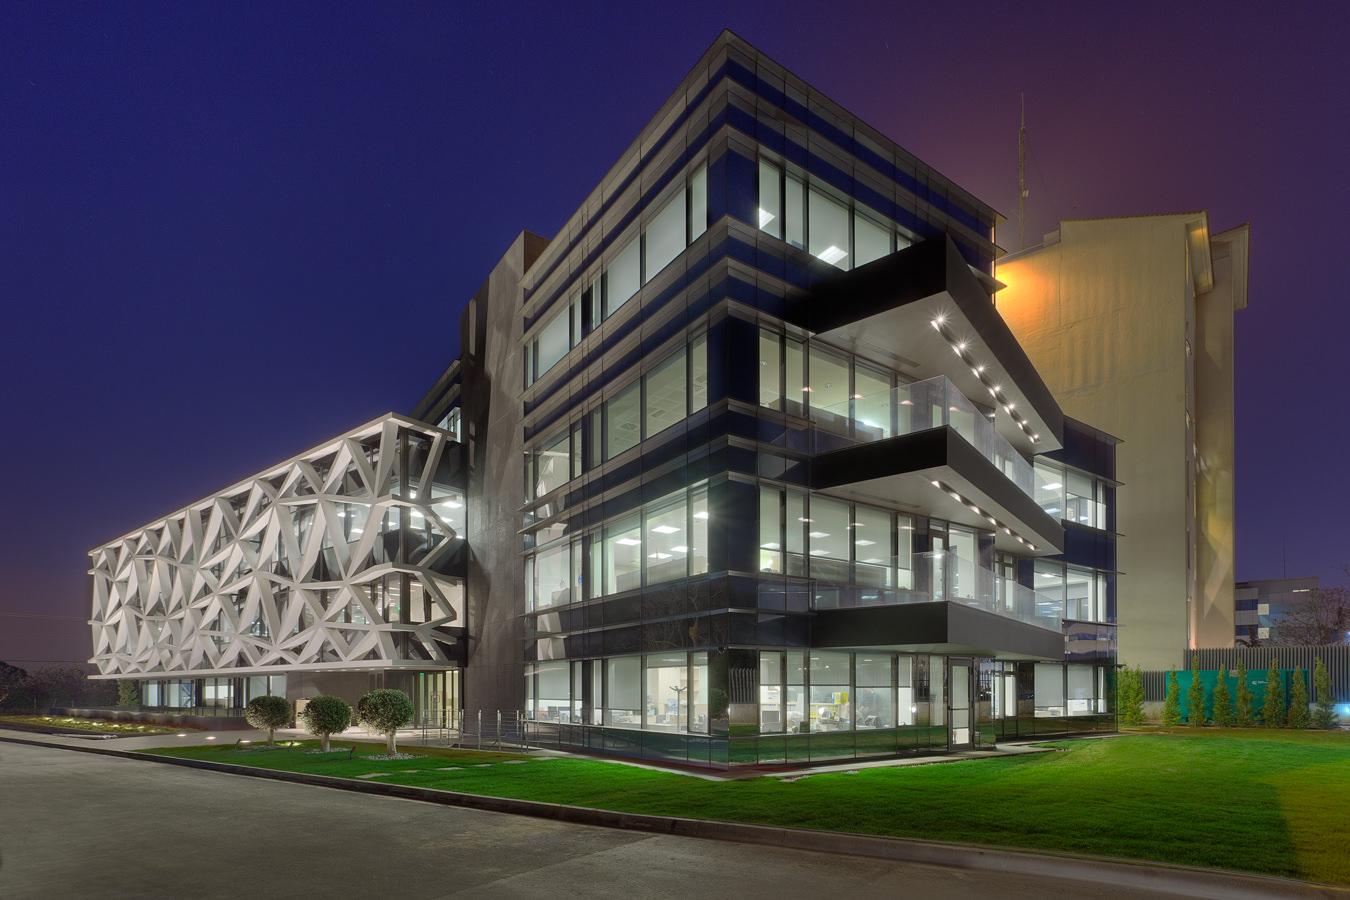 EIGHT, Office Complex, Γιώργος Φάκαρος - Αρχιτεκτονική Φωτογραφία | Εσωτερικοί Χώροι | Φωτογραφία Ξενοδοχειών - Photography / Φωτογραφία